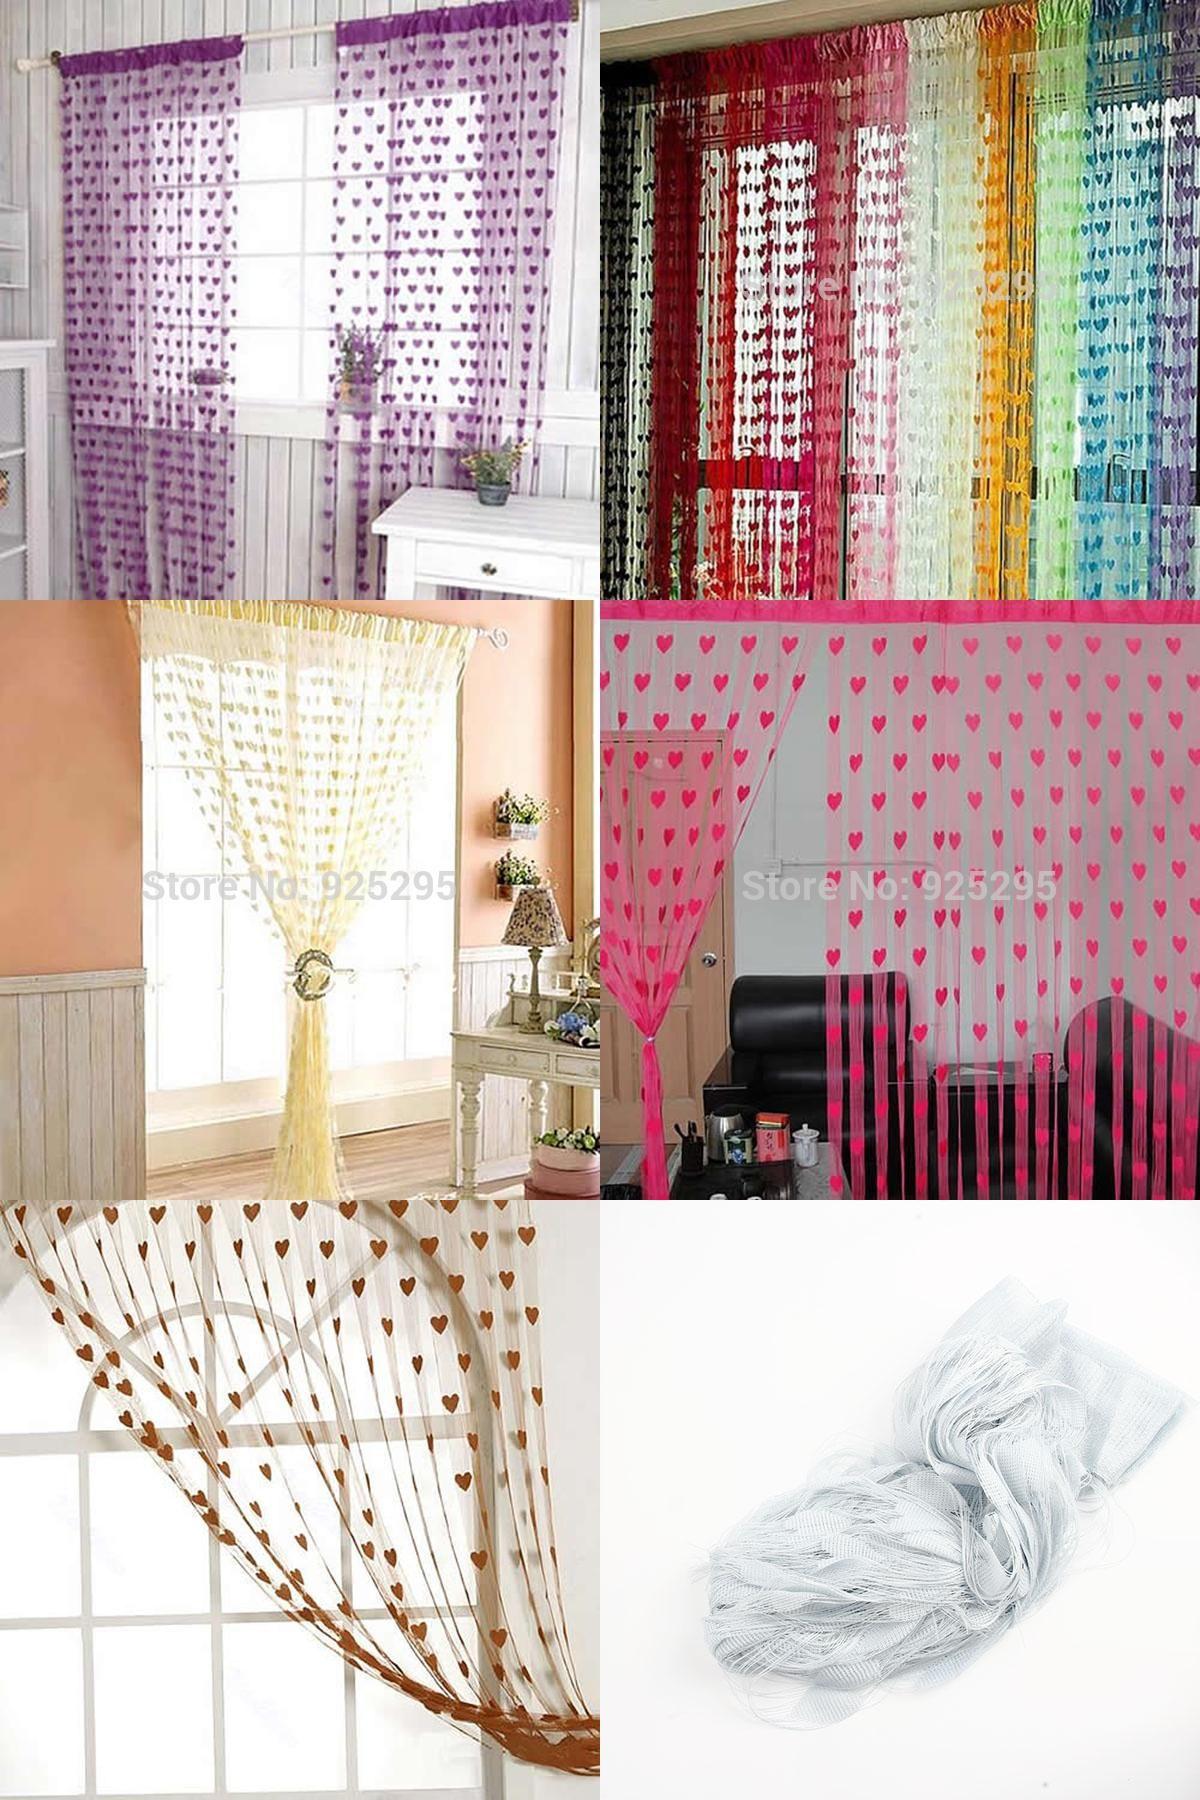 Visit to buy door curtains cute heart line pattern tassel string